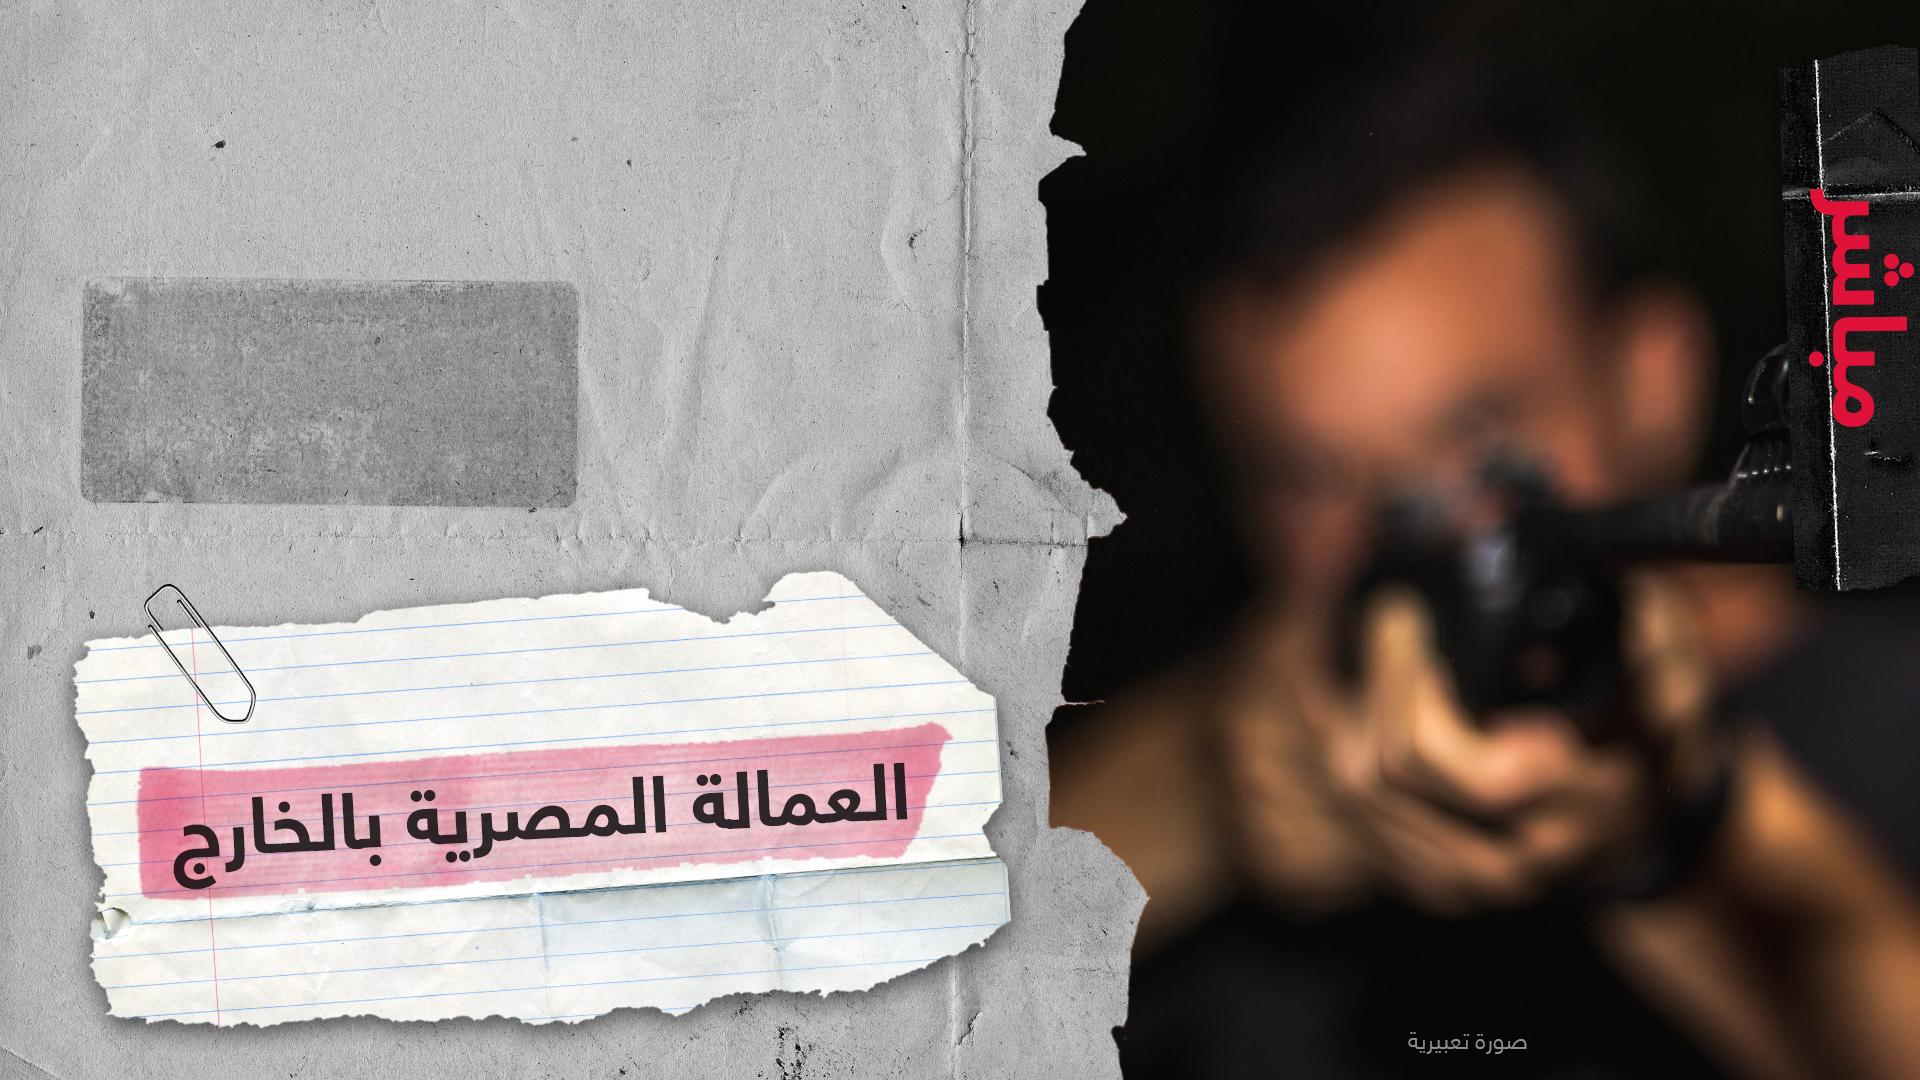 حادثة مقتل عاملين مصريين في السعودية تشعل الشبكات الاجتماعية ومطالبات بالقصاص